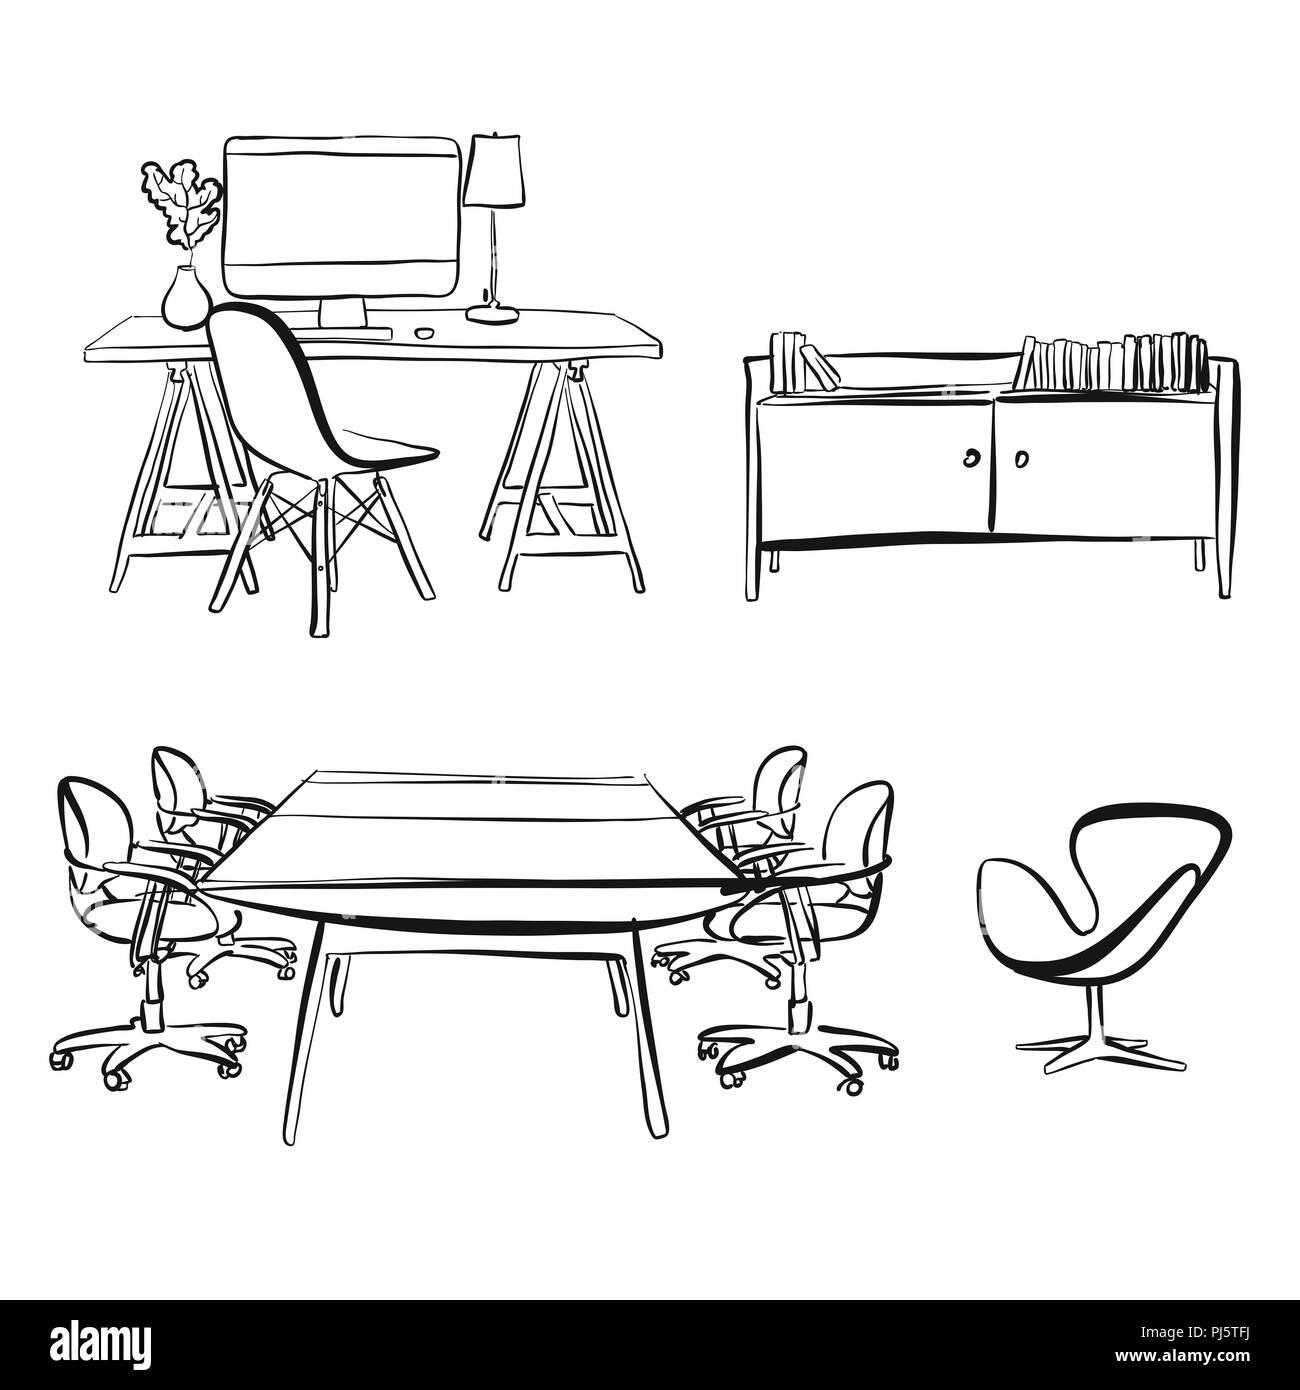 Buro Innere Objekte Zeichnen Handgezeichnete Vektor Skizze